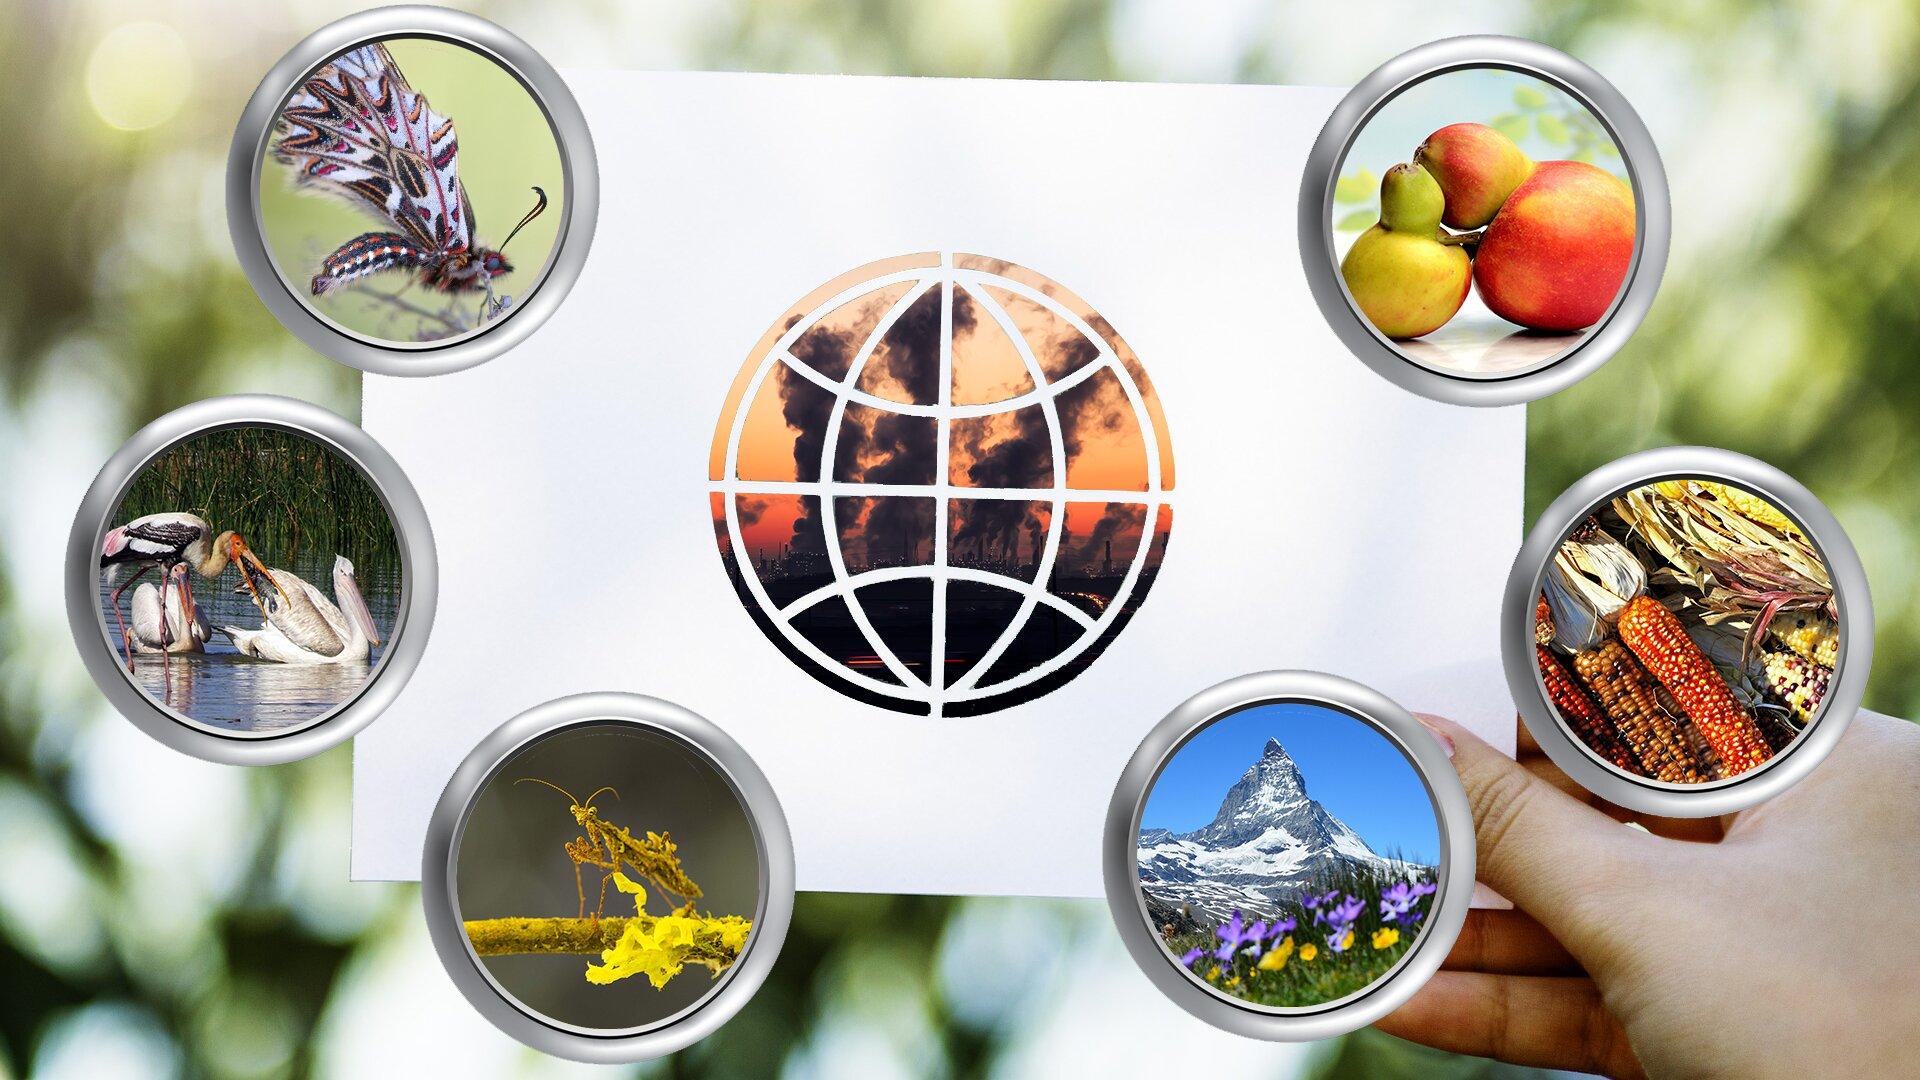 Ilustracja przedstawia zdjęcie ręki trzymającej białą kartkę. Wcentrum kartki umieszczone zostało koło, wewnątrz którego umieszczono zdjęcie kominów emitujących czarny dym. Na koło naniesiono schematyczną siatkę kartograficzną. Całość symbolizuje kulę ziemską inawiązuje do zanieczyszczania środowiska. Kartka otoczona jest półkoliście sześcioma kołami, wktóre wkomponowano zdjęcia przedstawiające różne elementy przyrody. Kolejno (od górnego lewego rogu): motyla, ptaki wodne, żółtego owada, ośnieżoną górę, kolby kukurydzy, owoce.